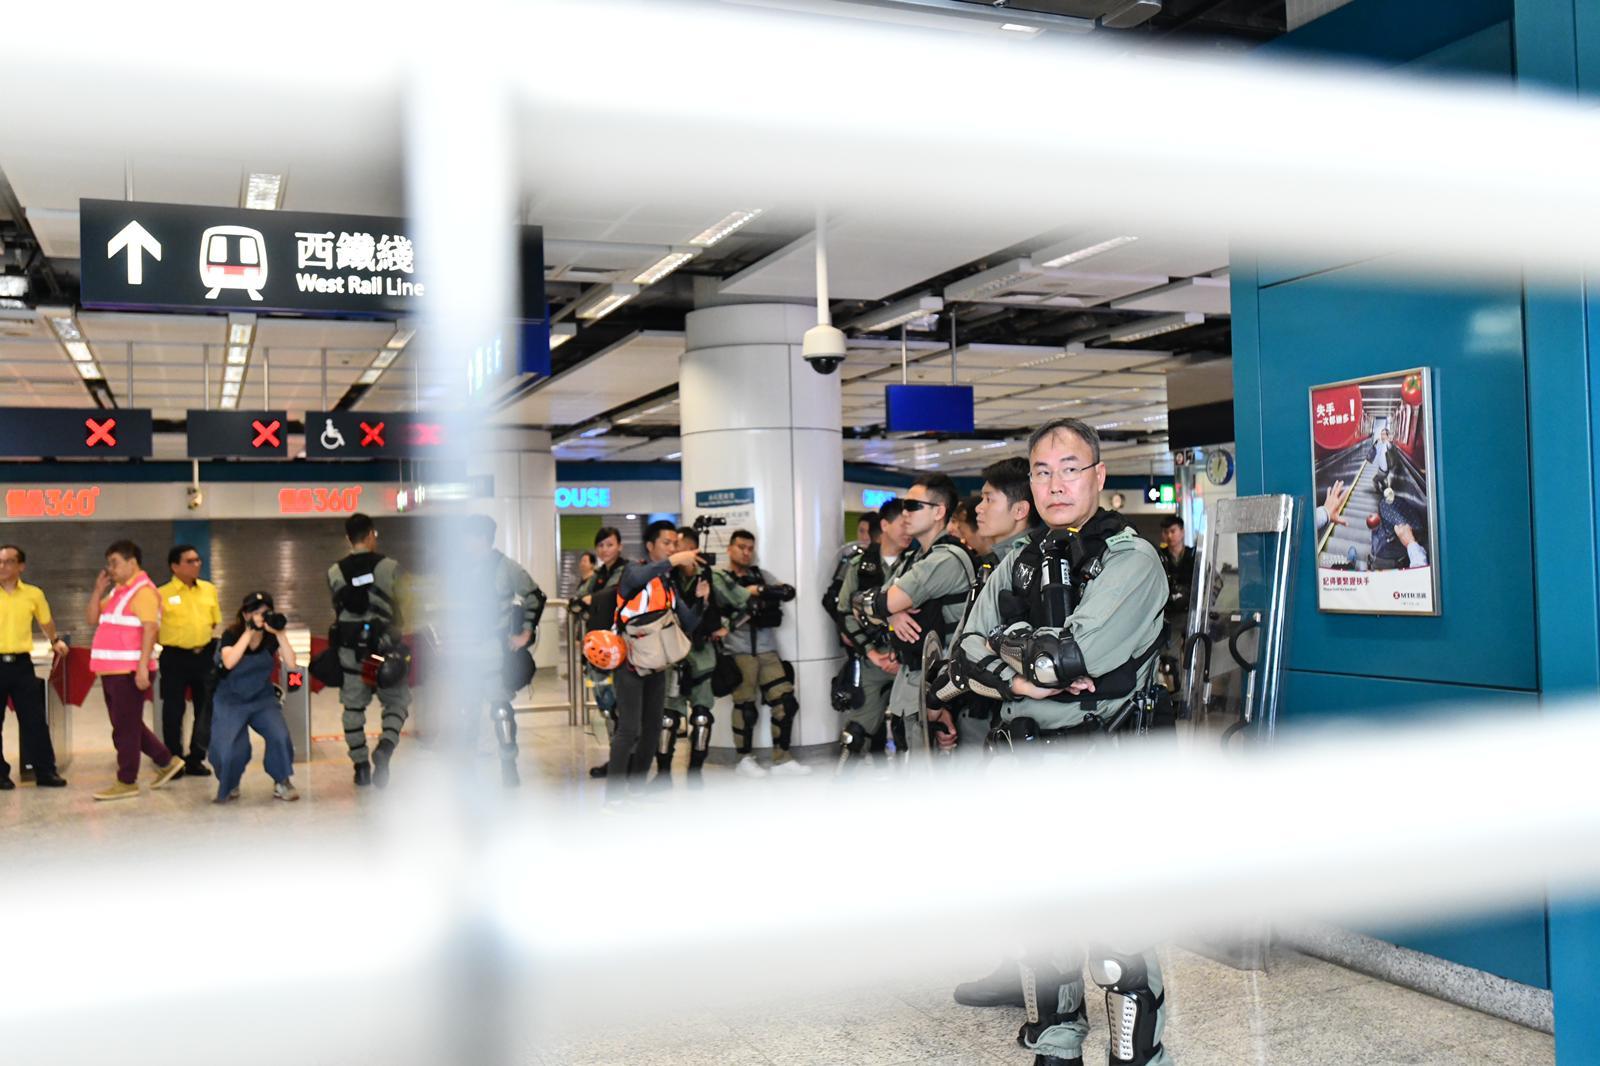 屯門站下午1時起暫關,有防暴警在場戒備。